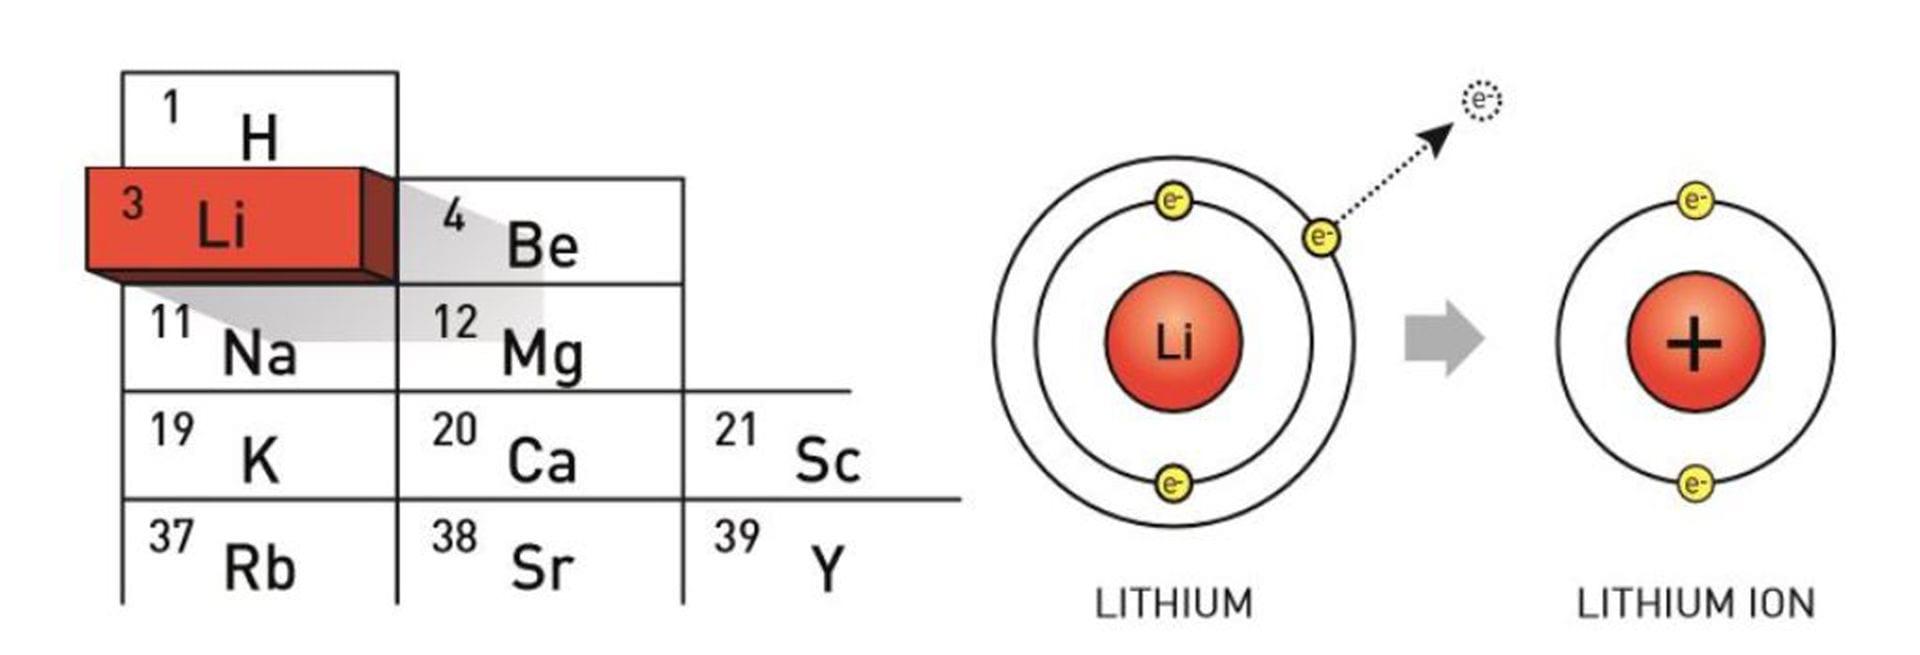 Pin điện lithium-ion hoạt động ra sao? - 3